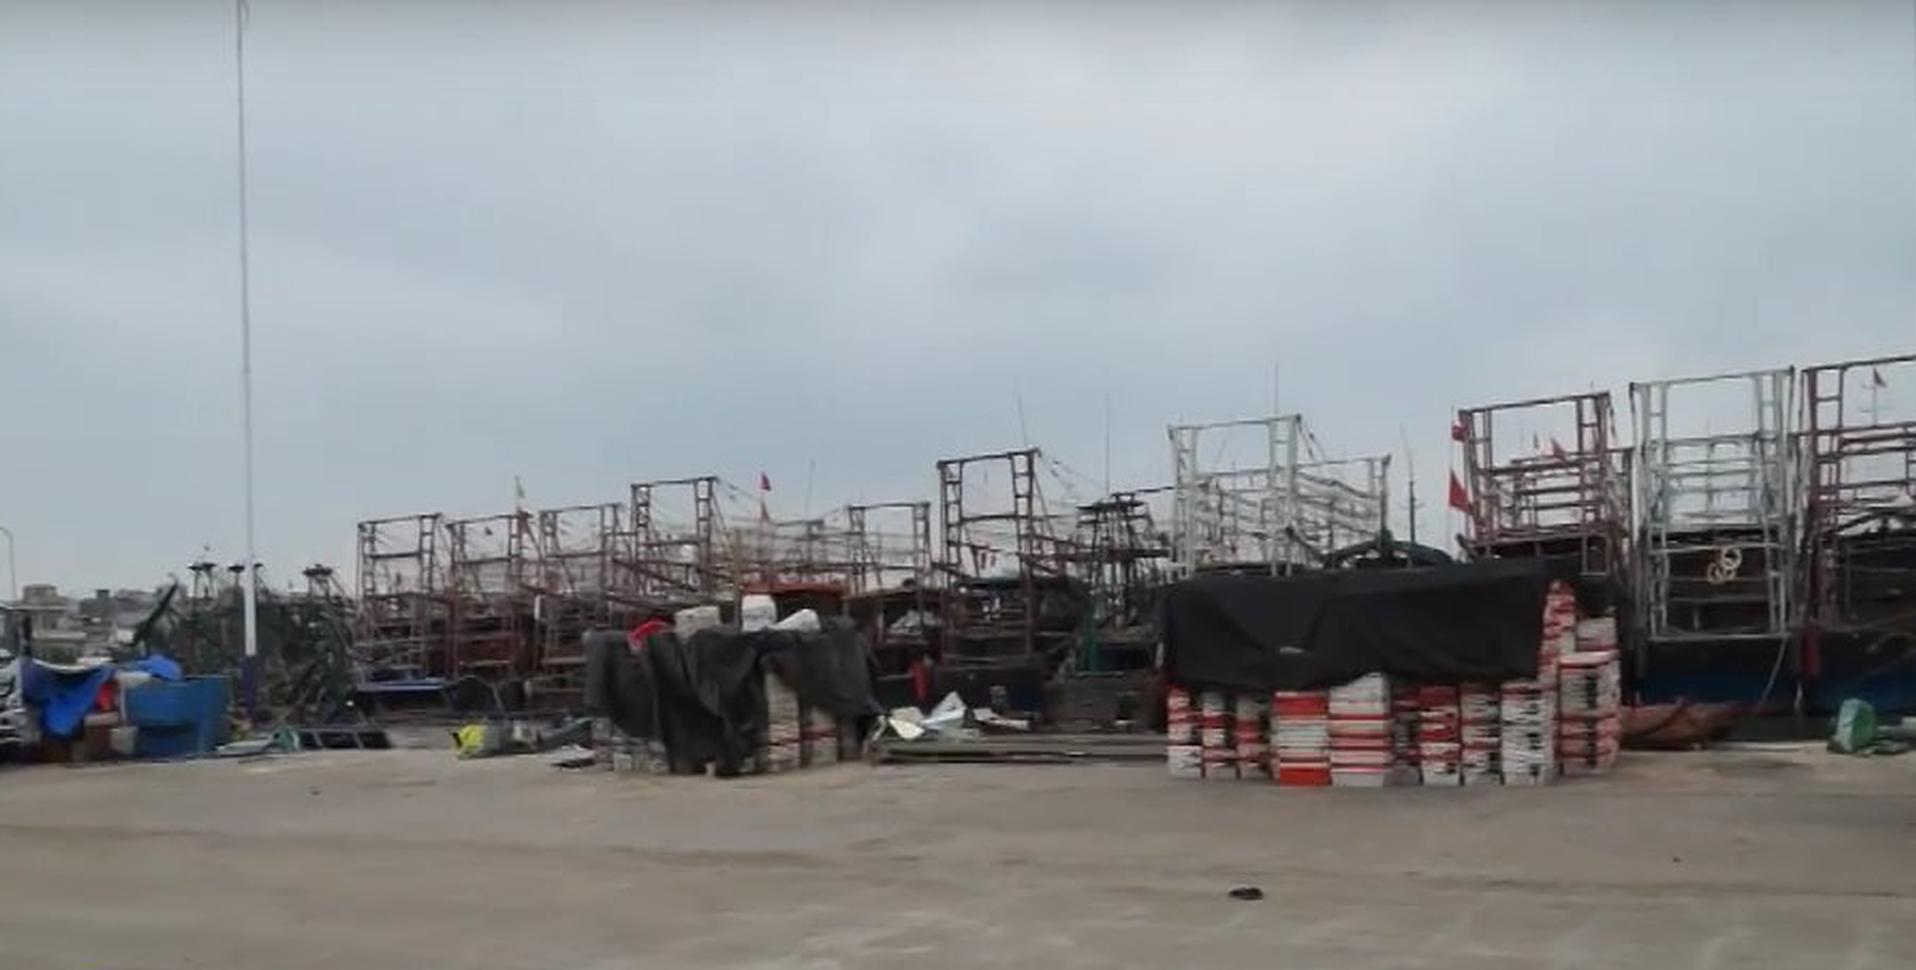 临高消防联合相关部门开展回港避风渔船安全检查